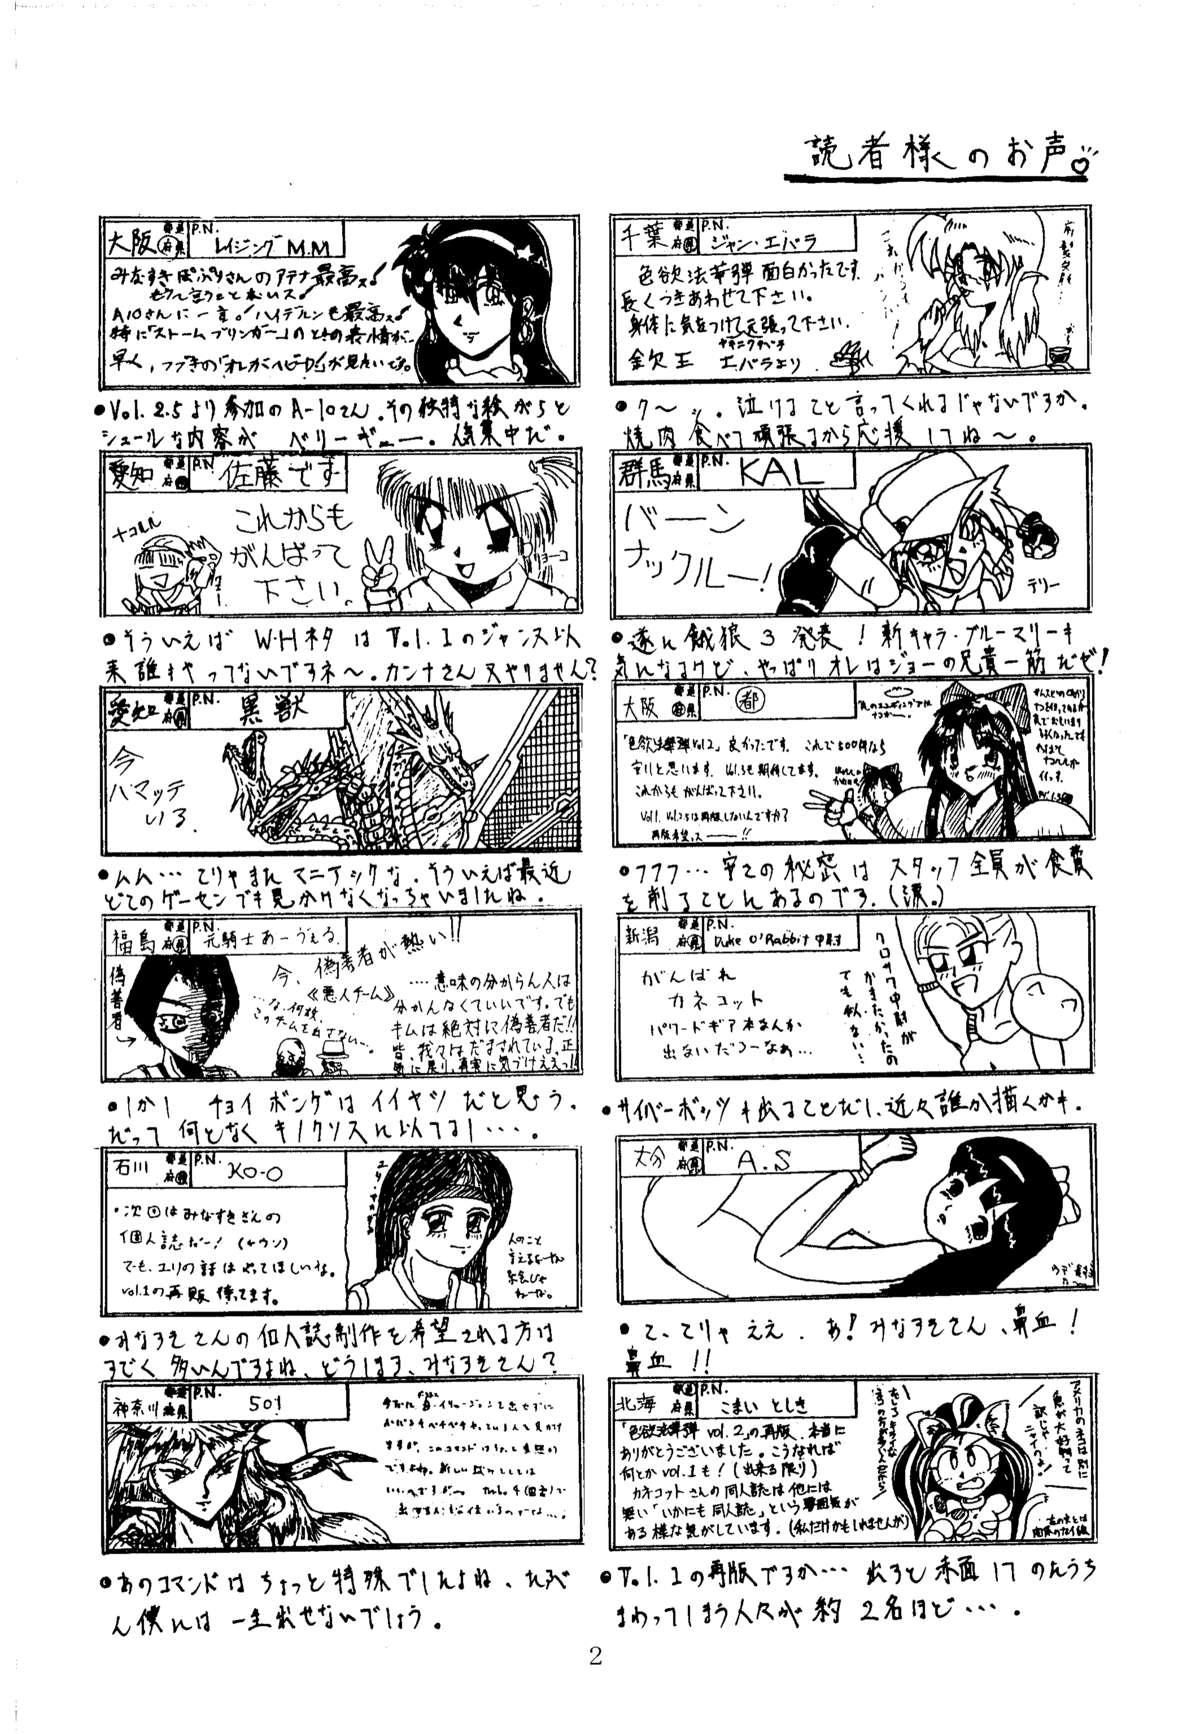 Shikiyoku Hokkedan 3 1